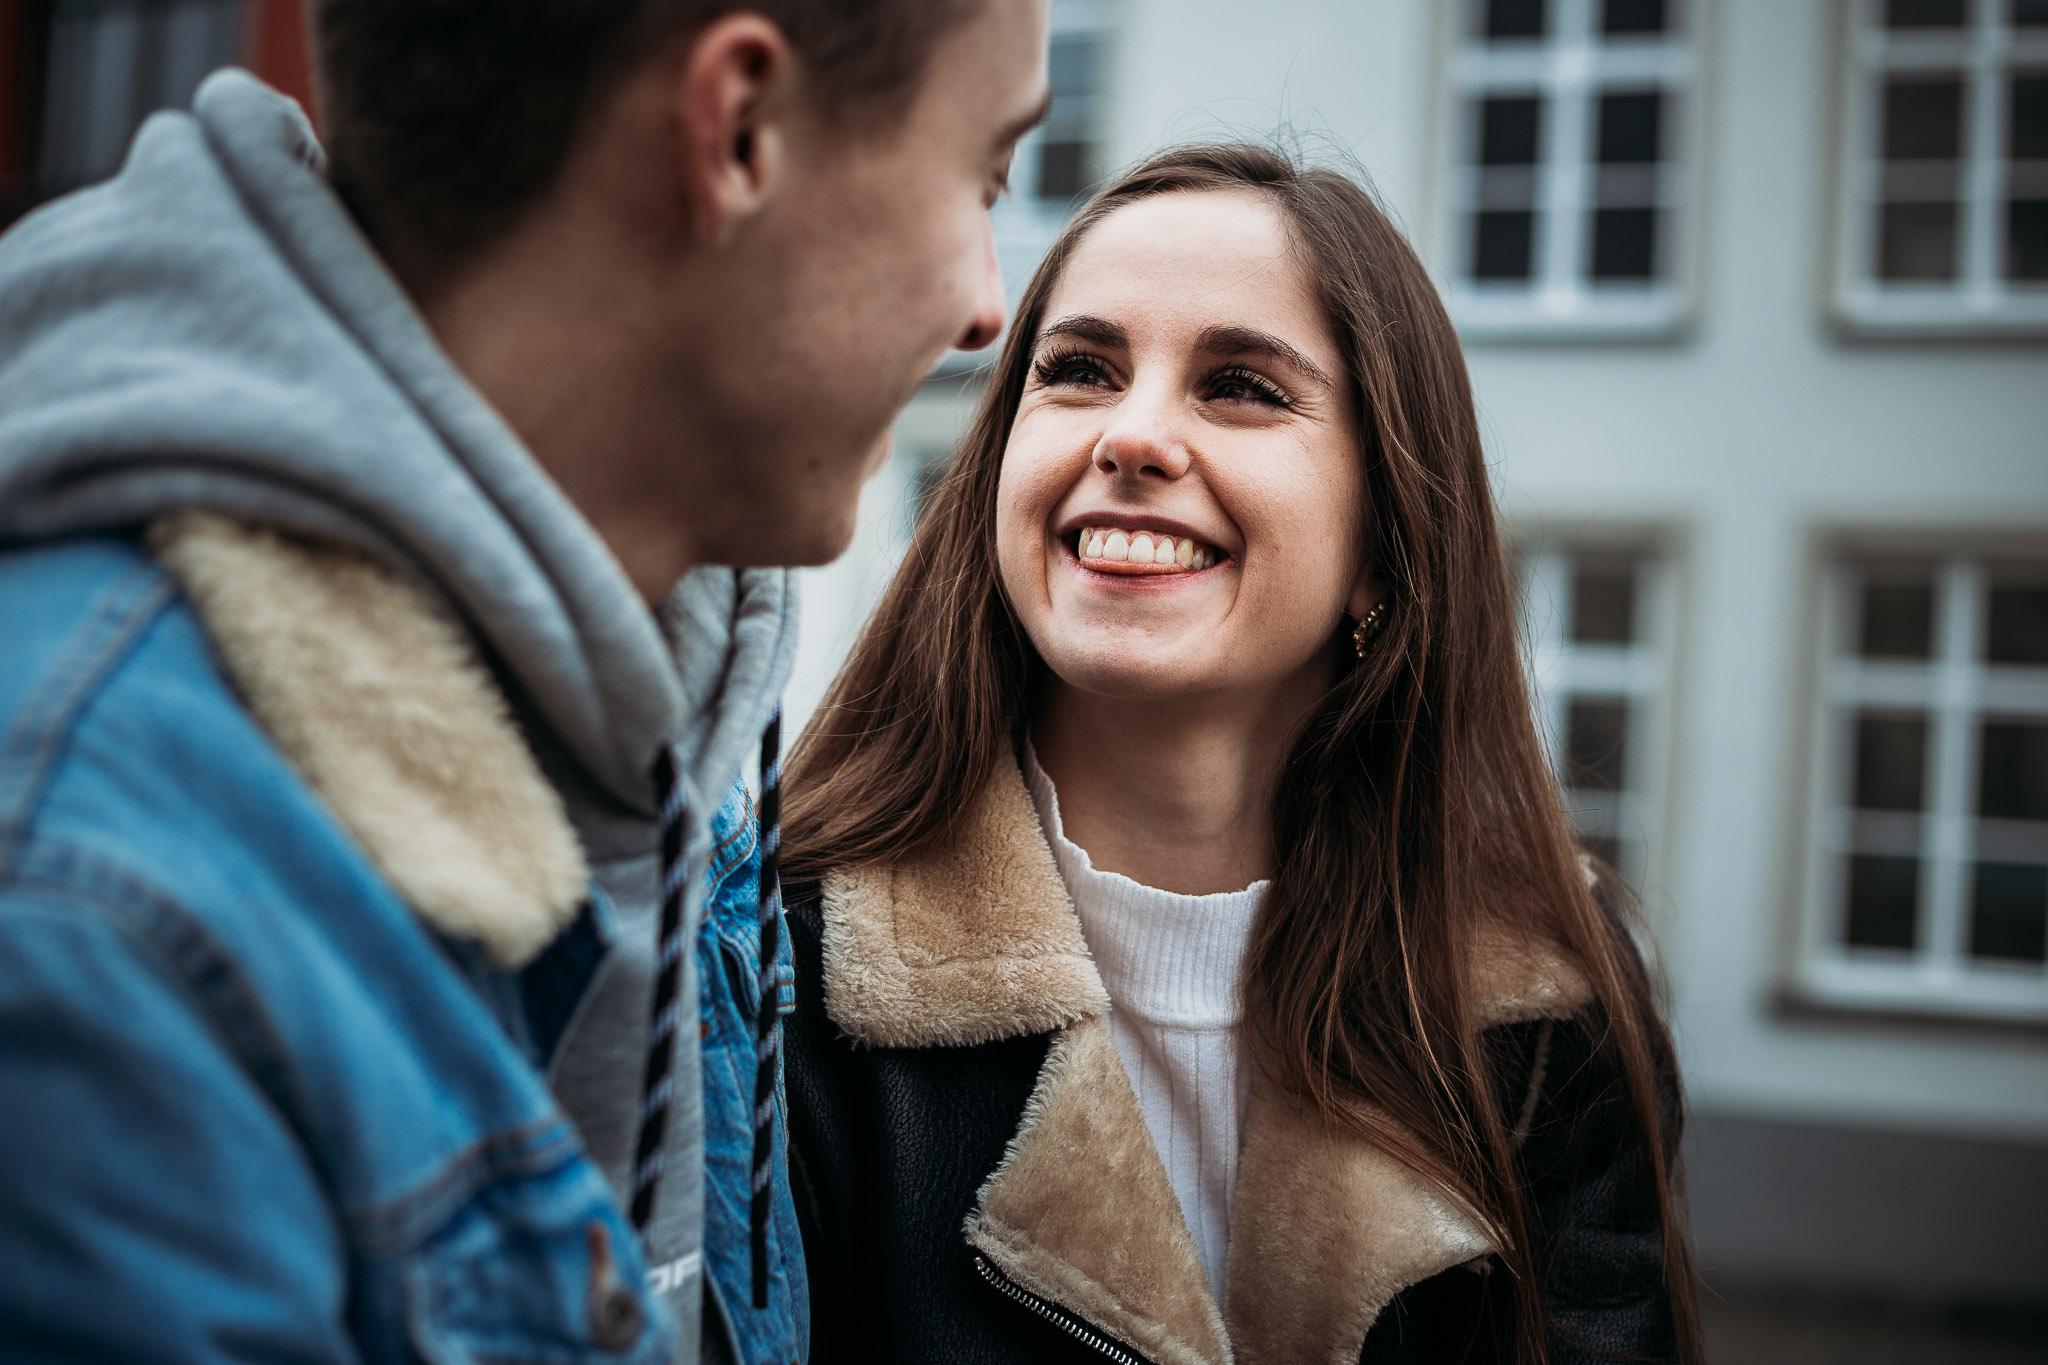 Funny smile in Bruges, Belgium